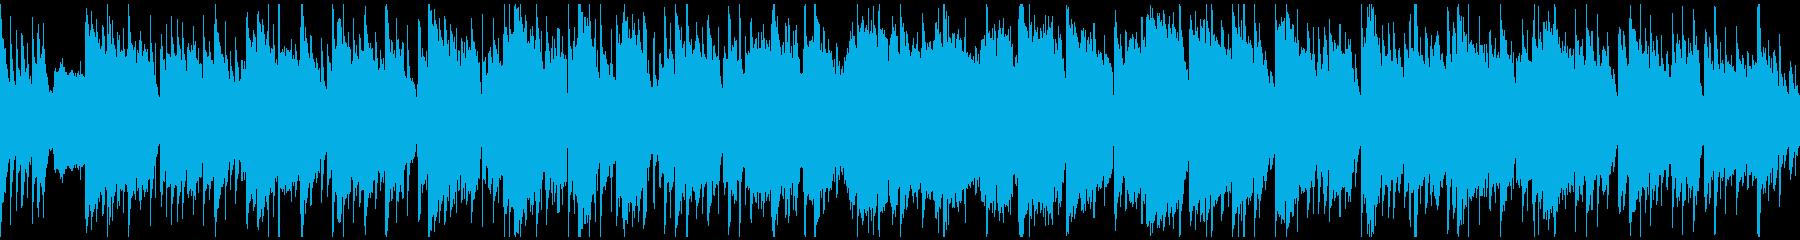 のどかで平和、幻想的な和風曲 ※ループ版の再生済みの波形